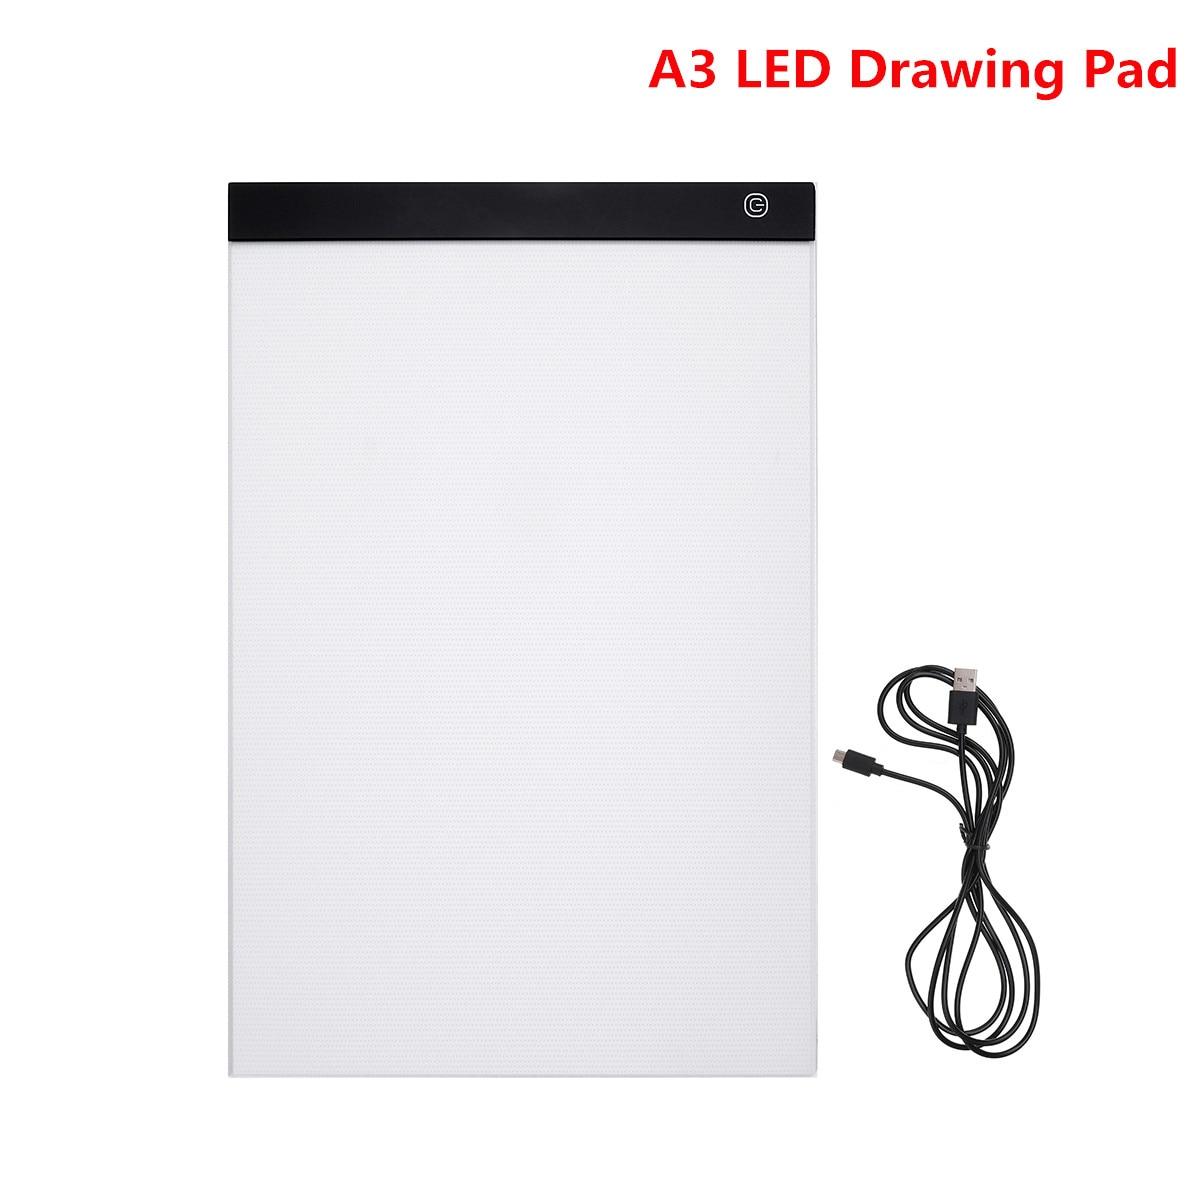 Tablet Dessin Pad A3 LED Dessin Pad Boîte Conseil Dessin Traçage traceur Copie Conseil Table Pad Led Lumière Pad Copie Conseil Pochoir